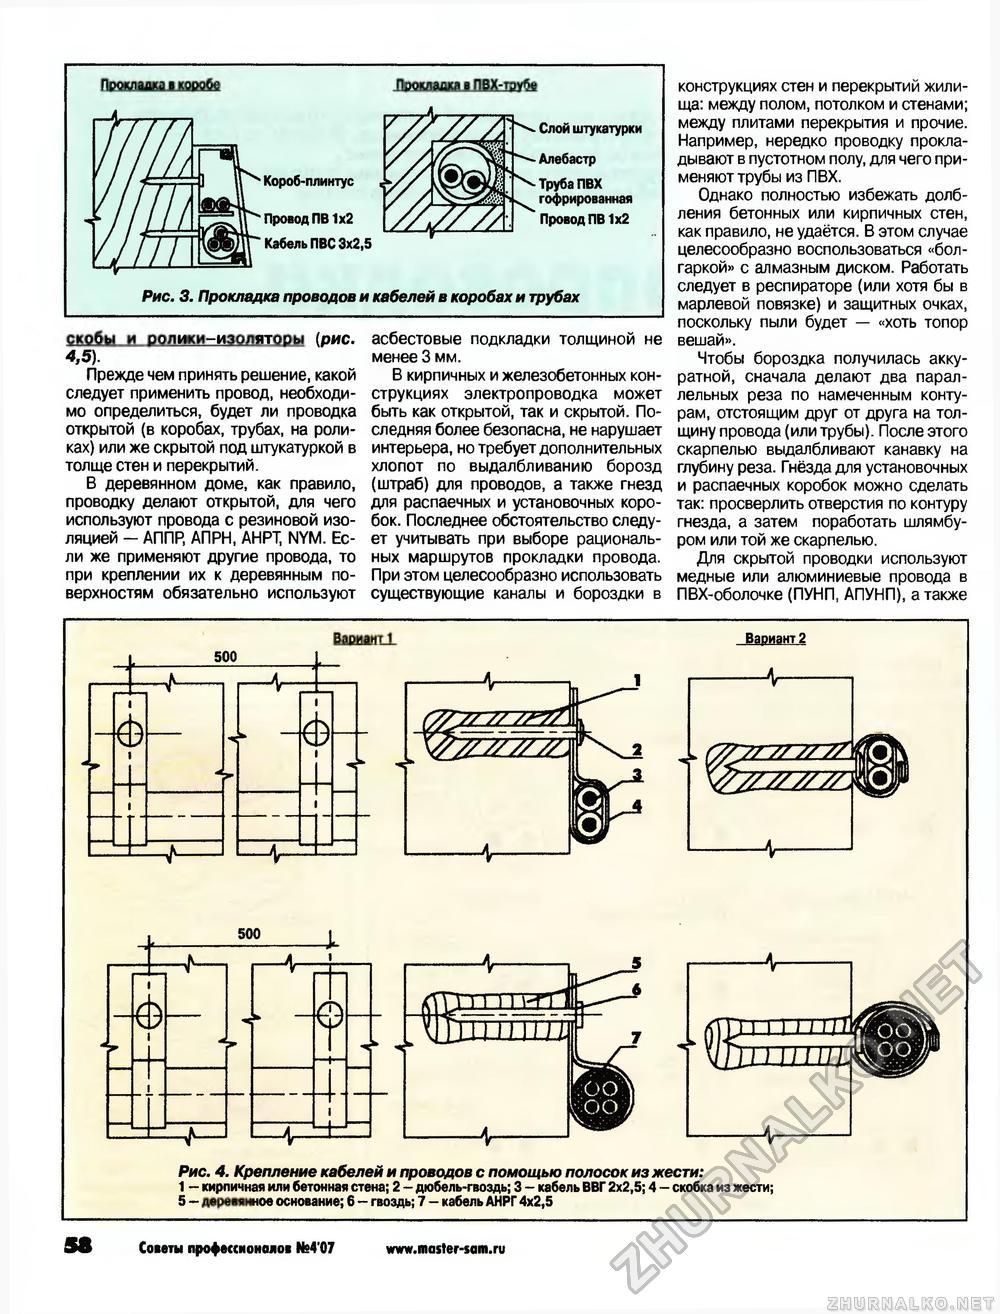 прокладка проводов и кабелей в экранированных конструкциях